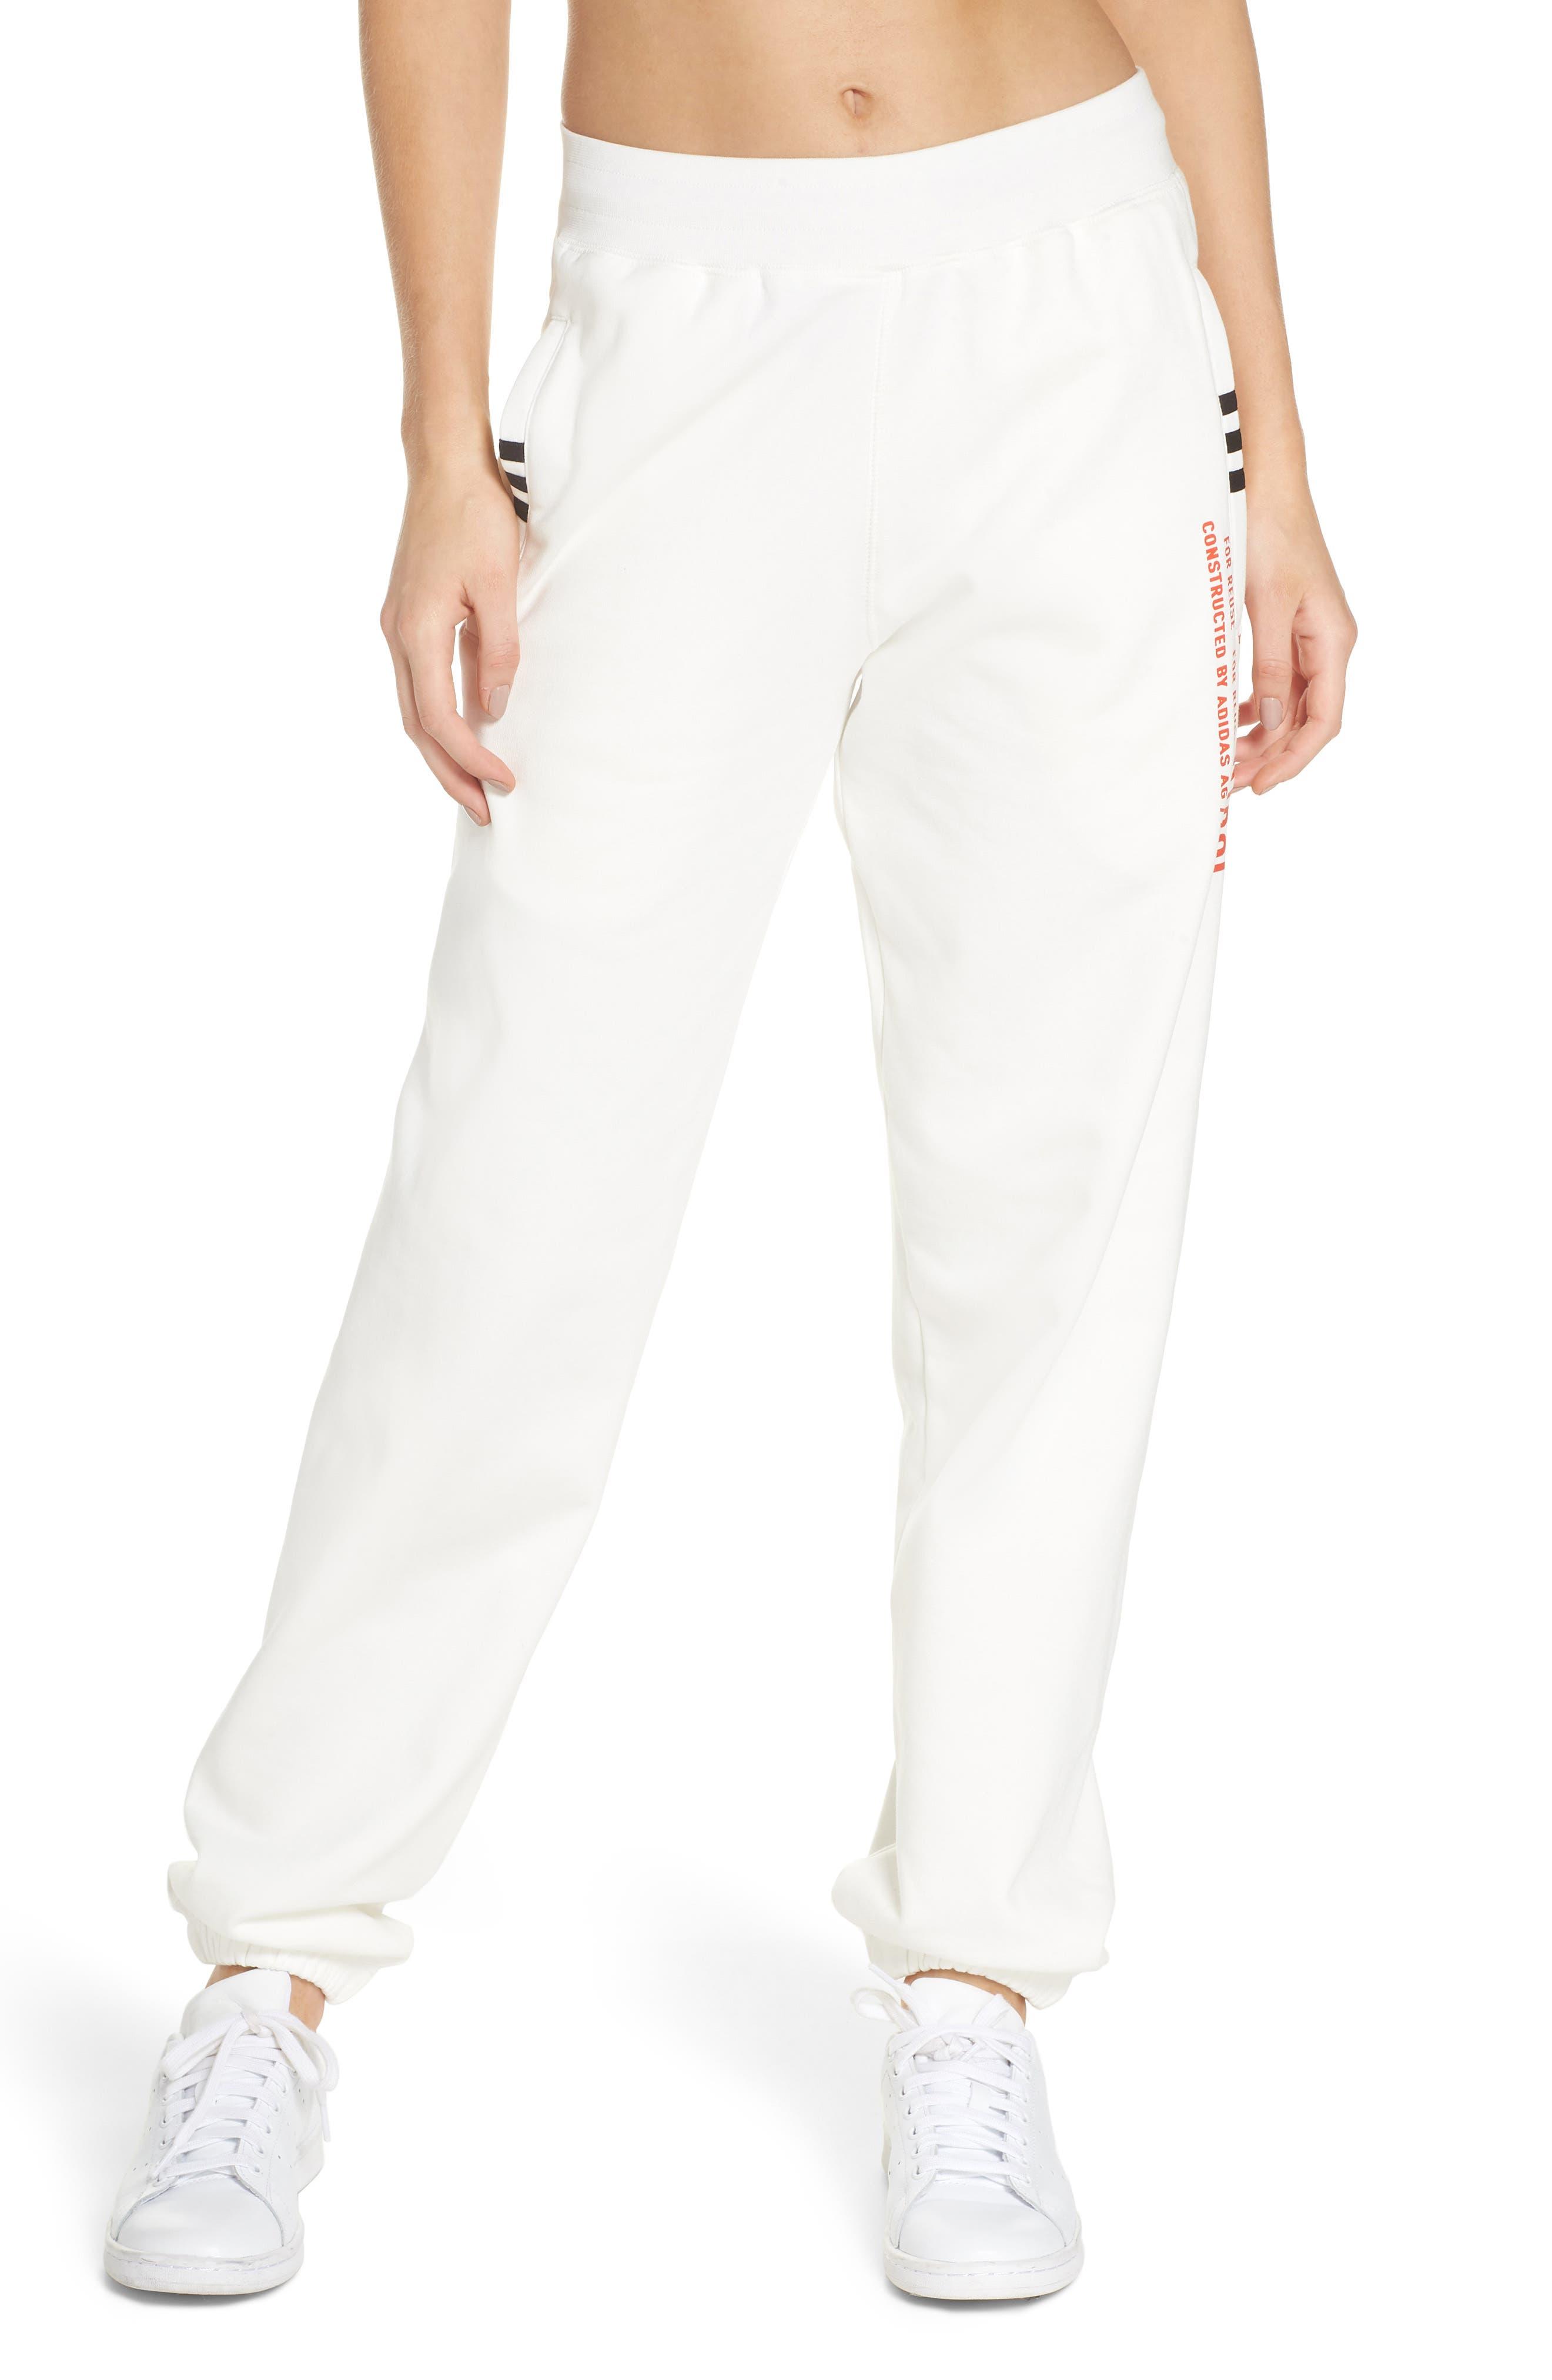 Graphite Jogger Pants,                         Main,                         color, 900